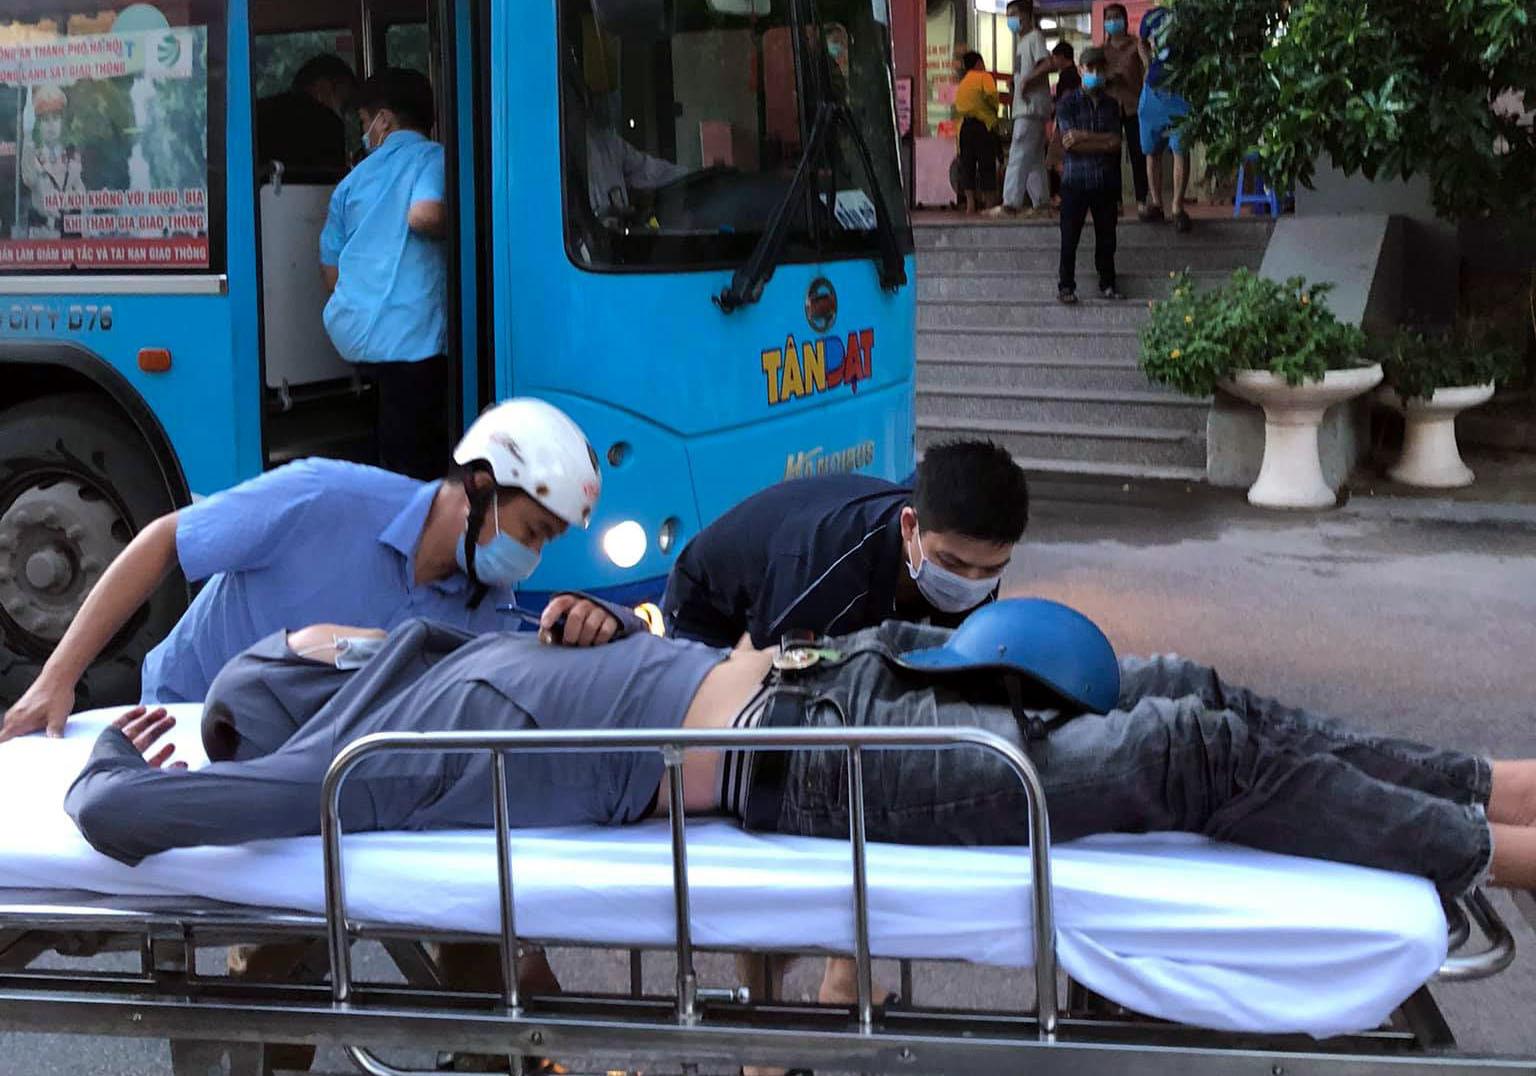 Tai nạn giao thông,Xe buýt,Cứu người tai nạn